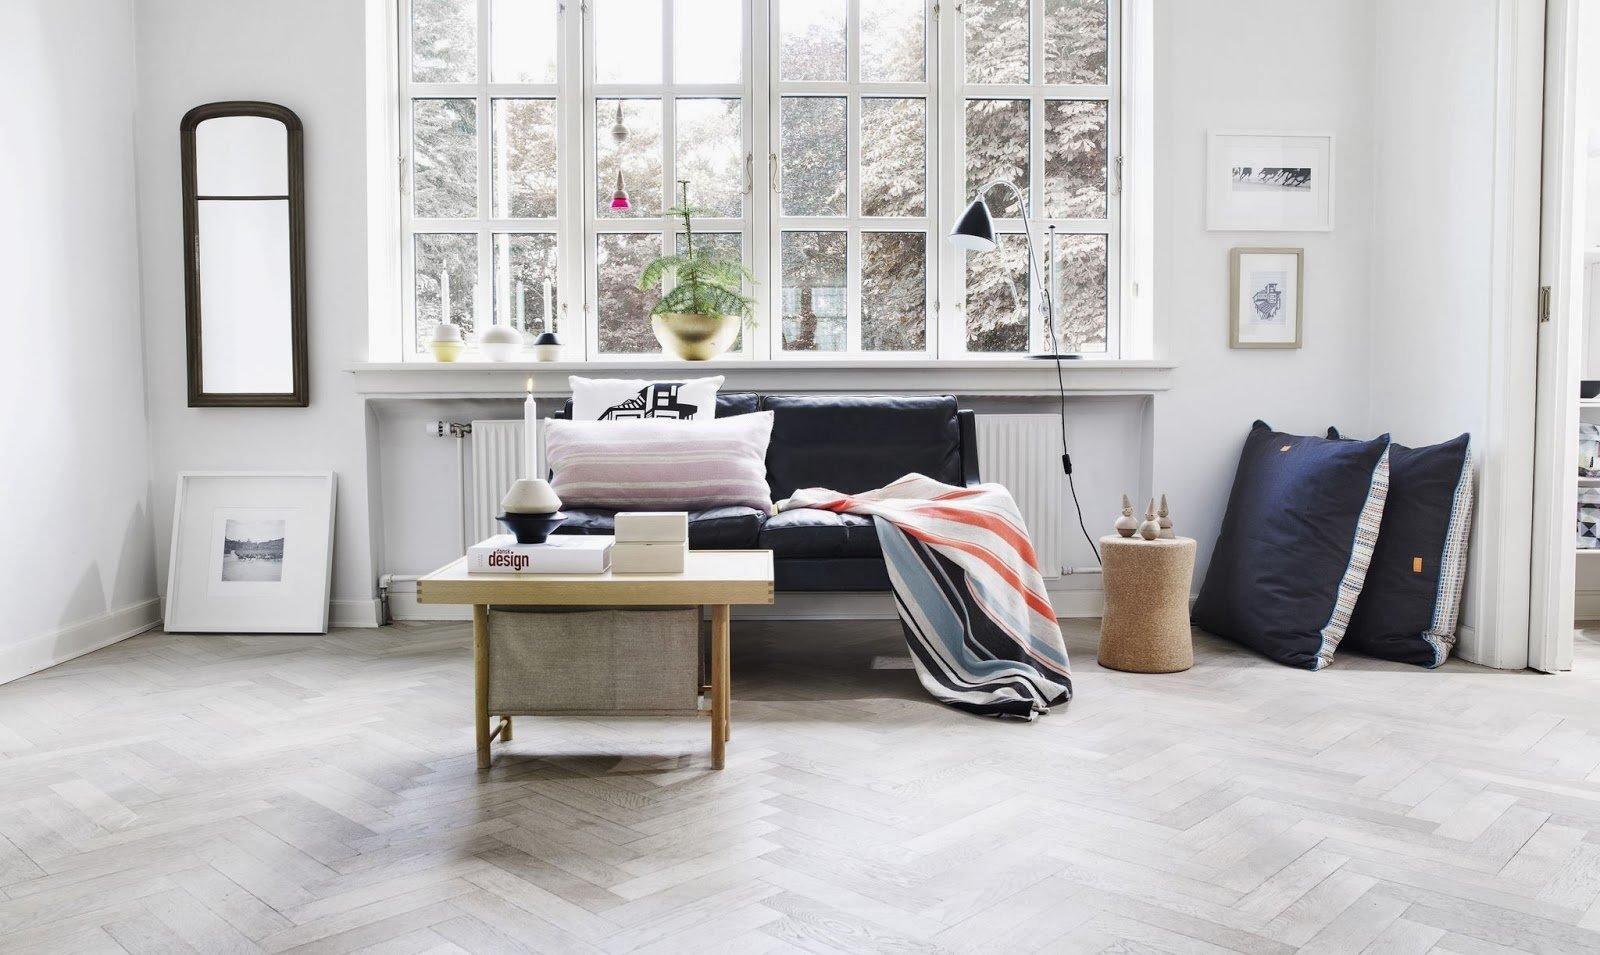 Arredamento nordico consigli per arredare casa in stile scandinavo - Opslag idee lounge ...